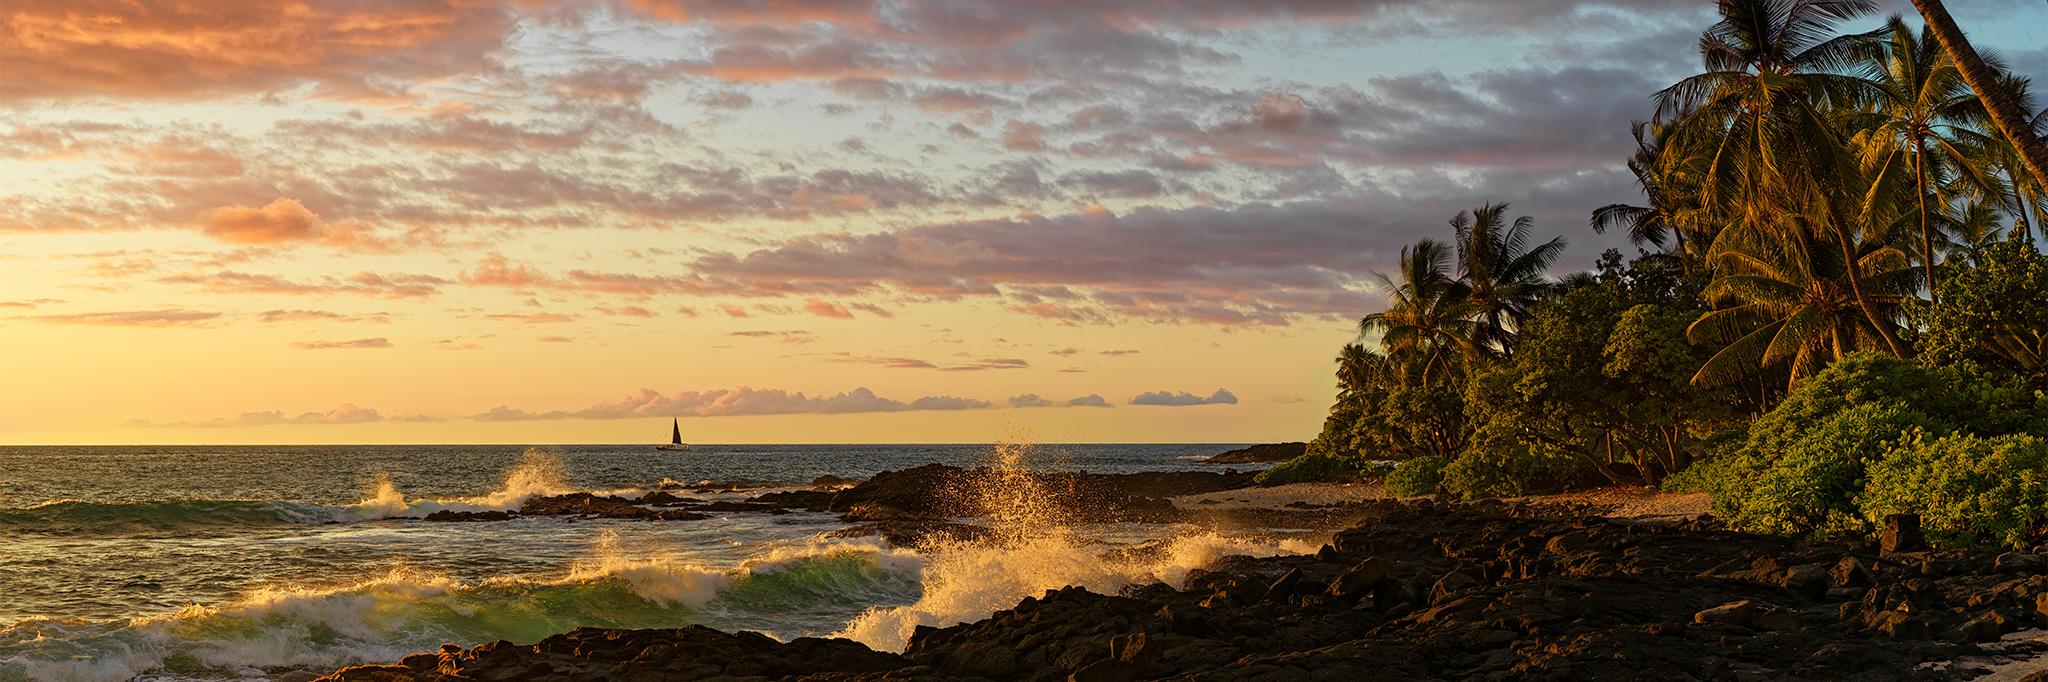 hawaiian Islands -